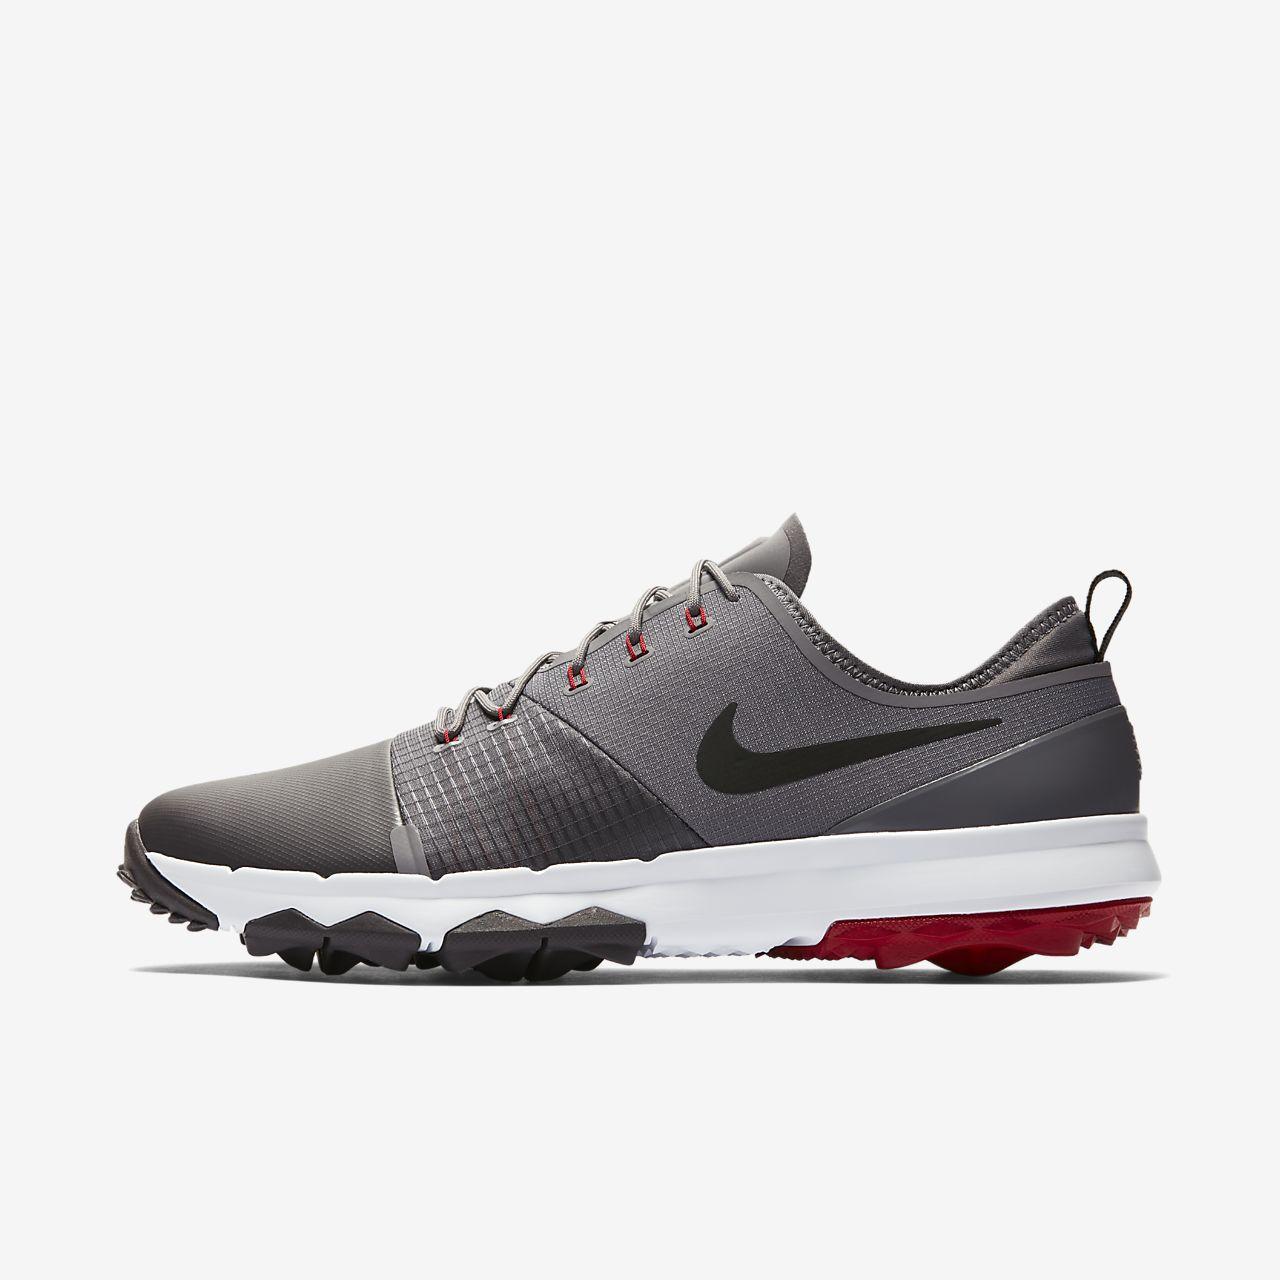 Nike FI Impact 3 Golfschoen voor heren